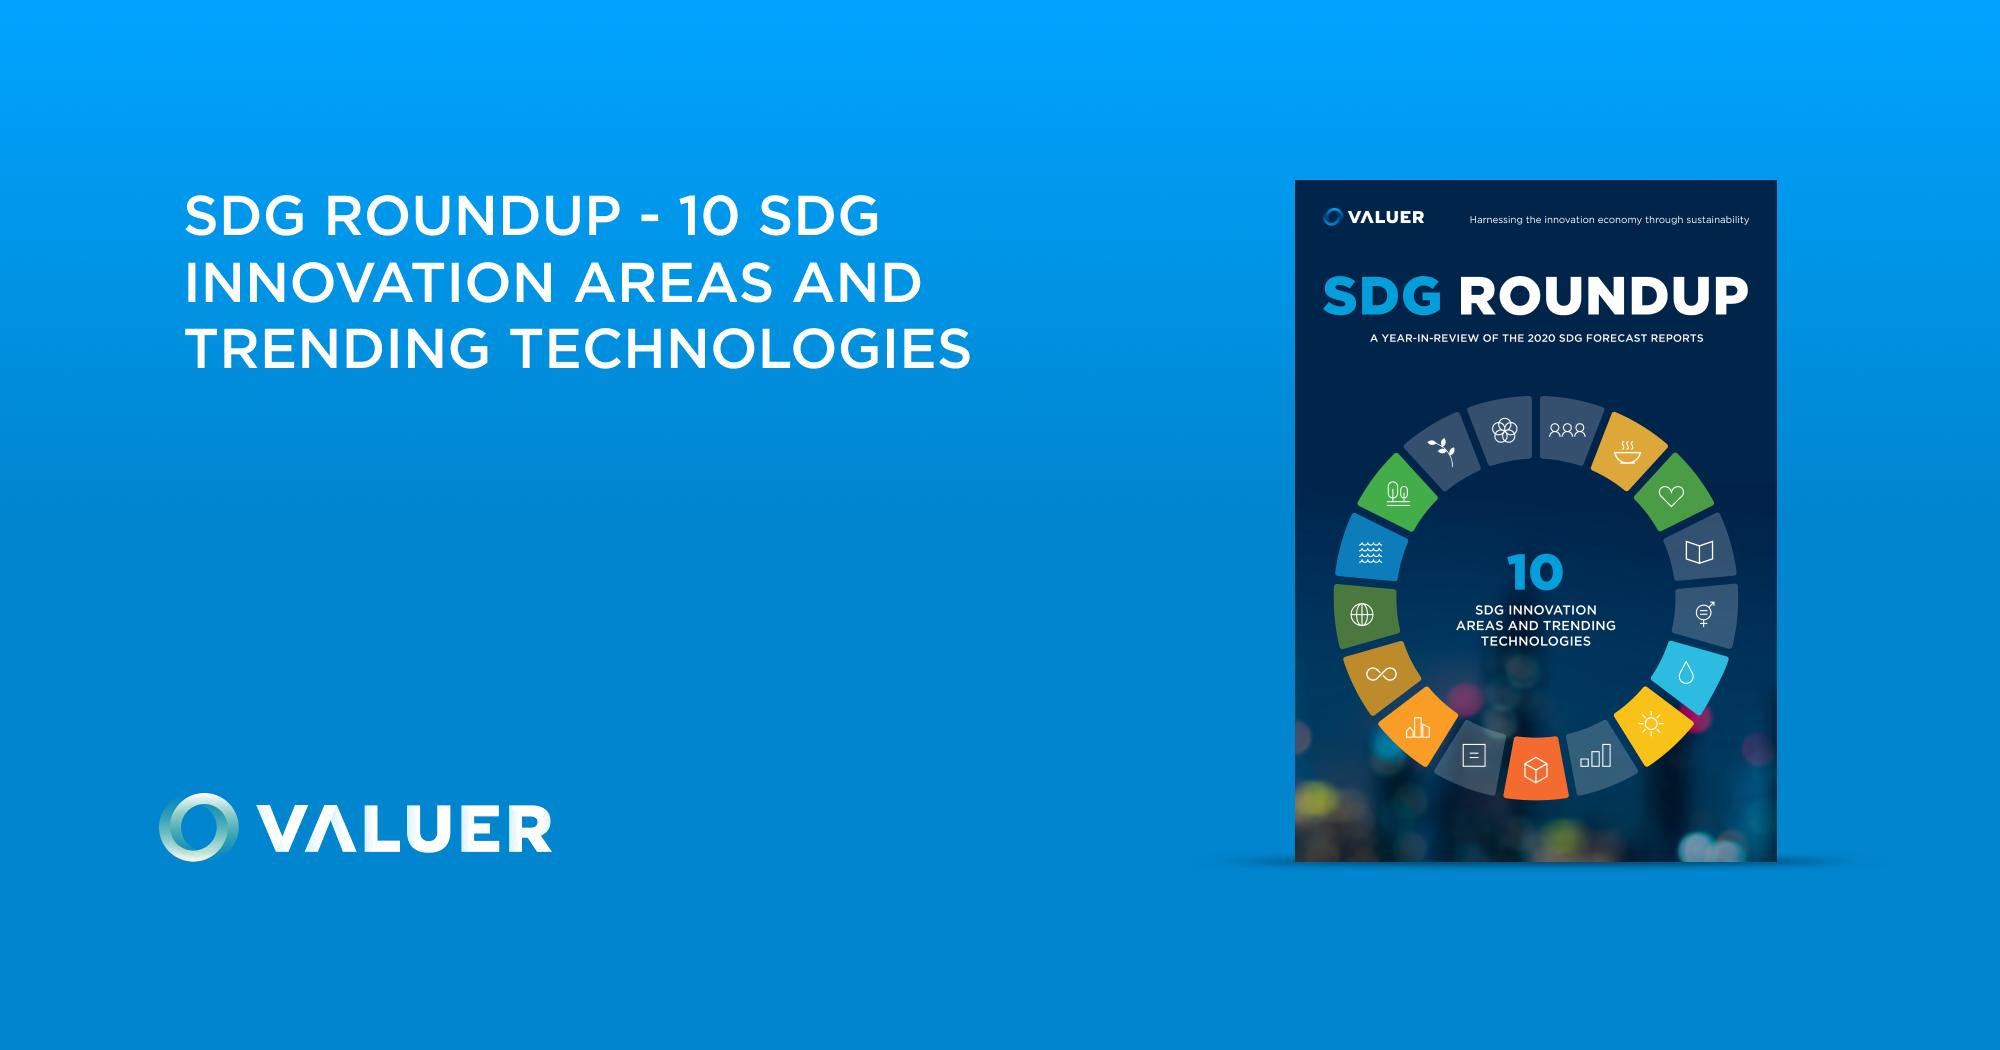 SDG Roundup